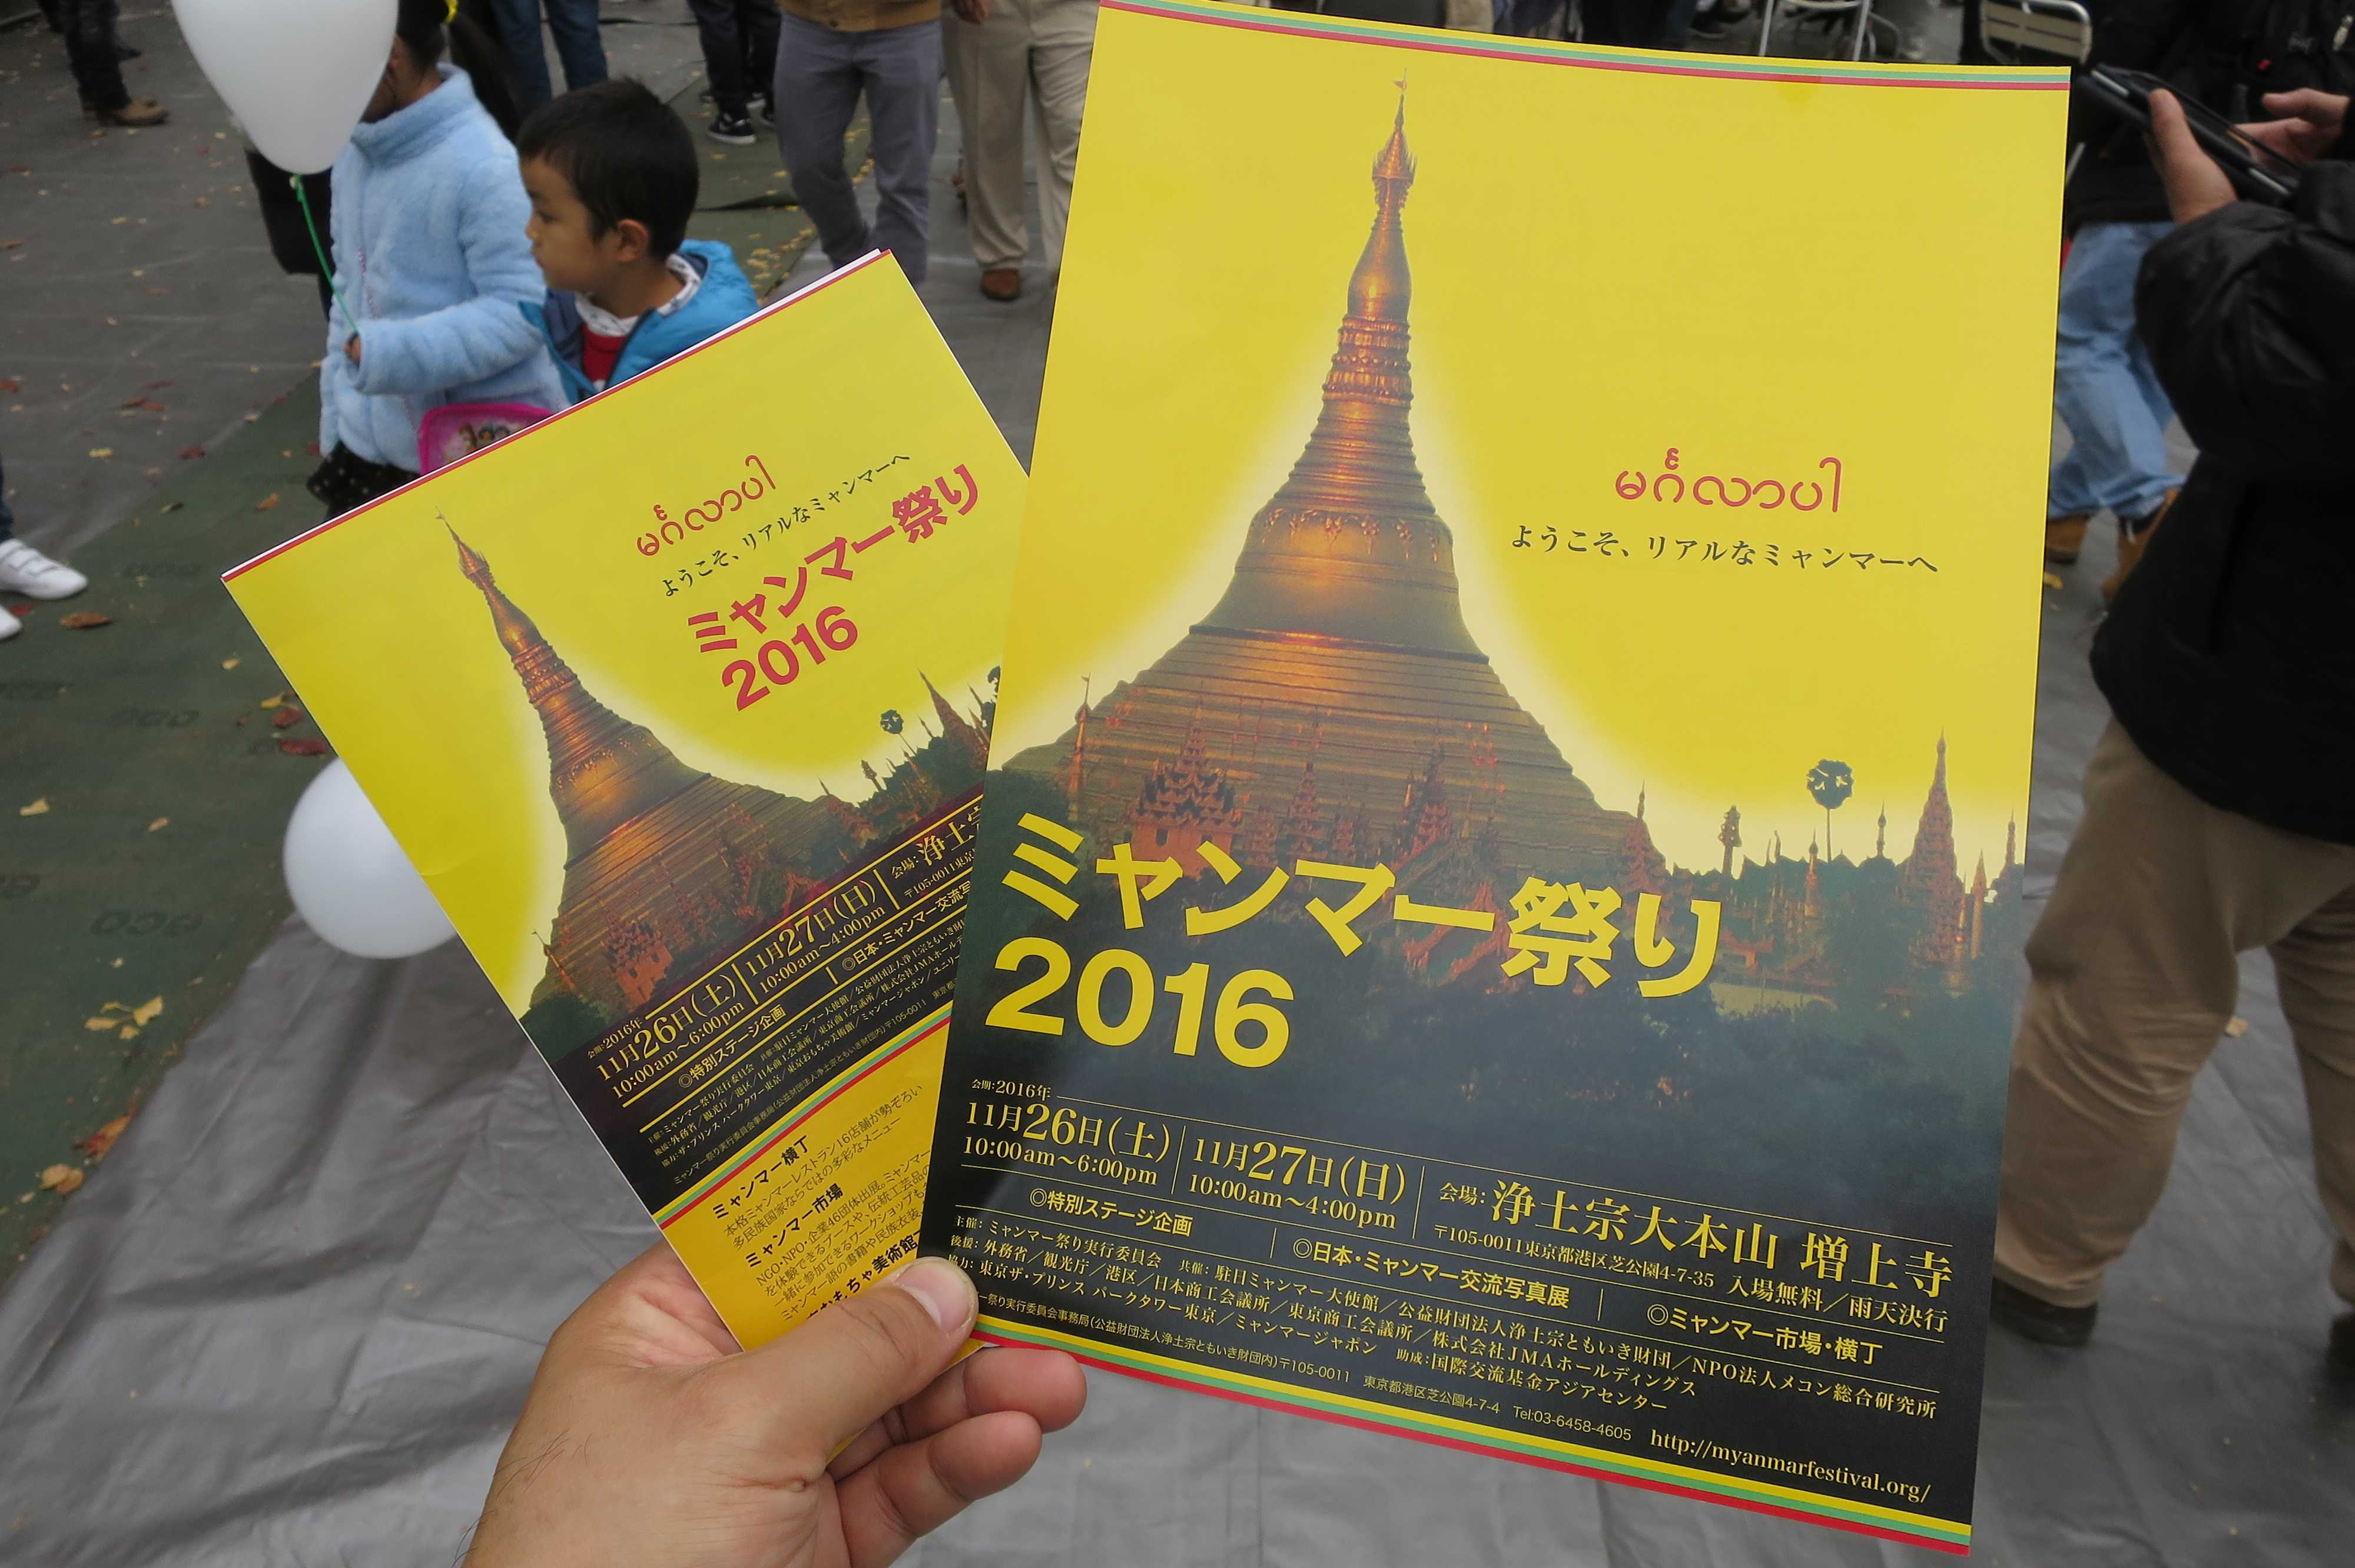 パンフレット - ミャンマー祭り2016